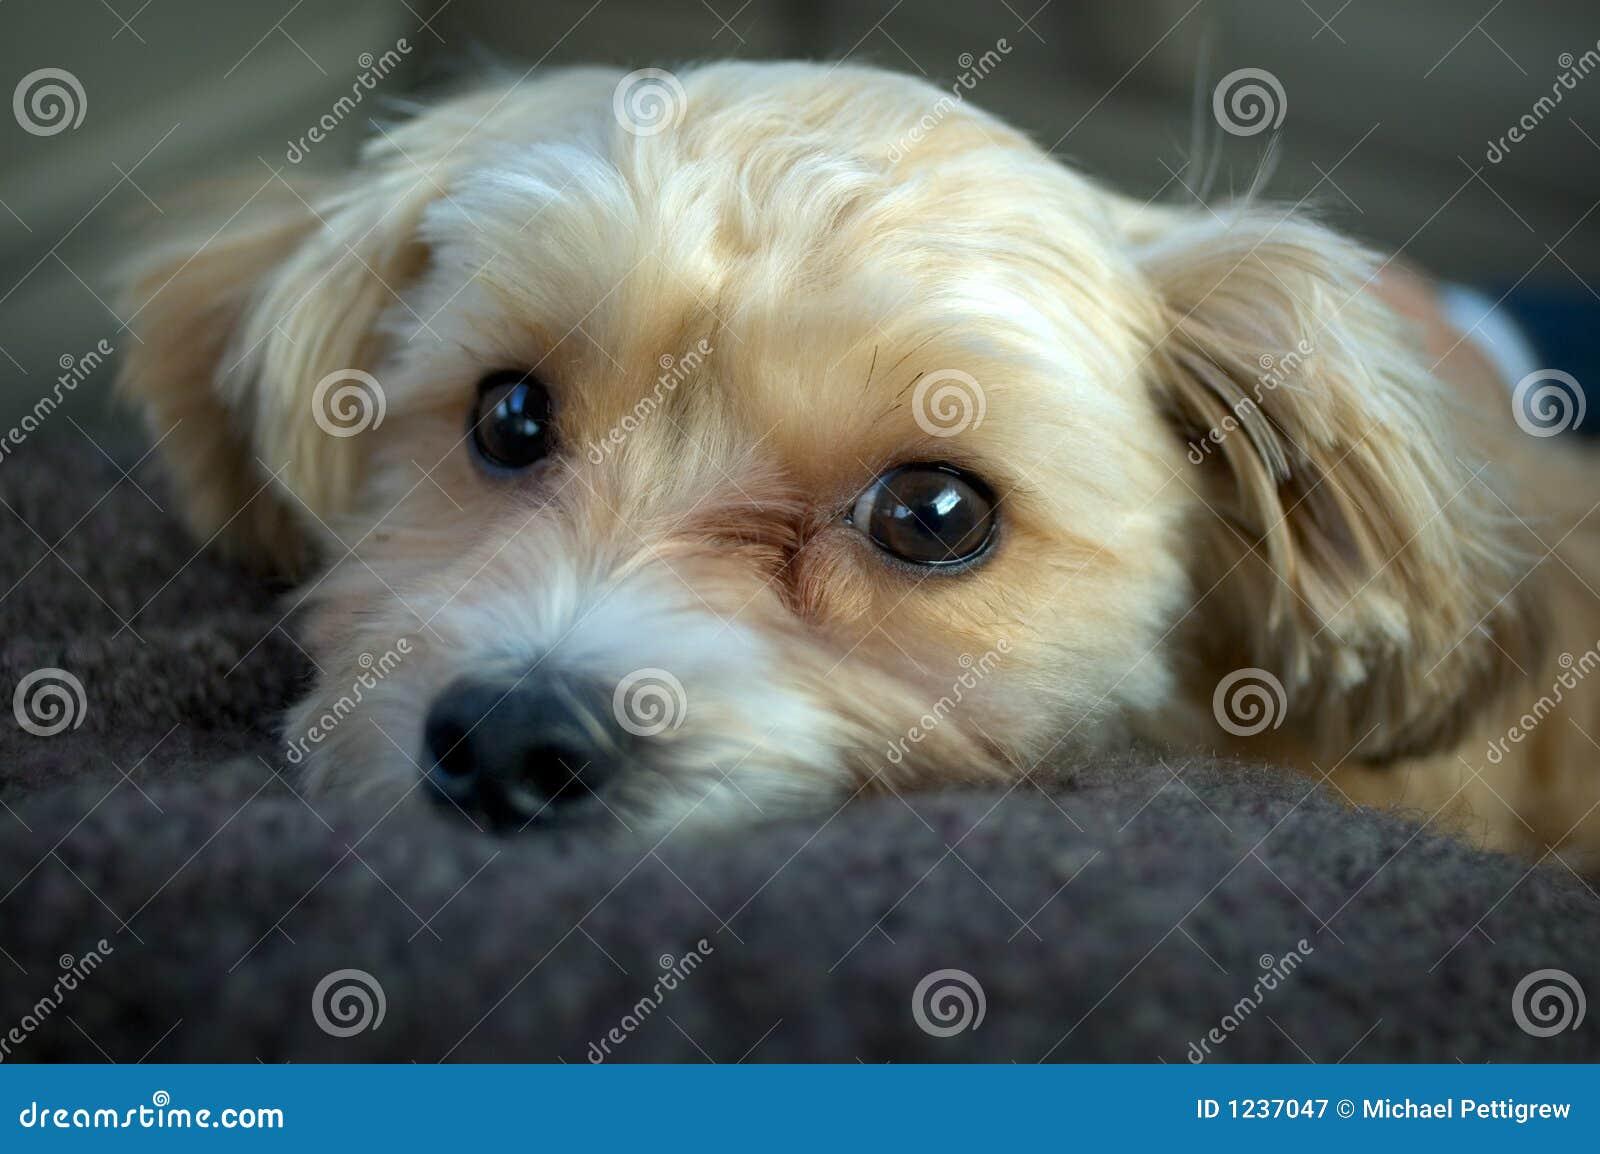 Yorkie And Shih Tzu Puppy Stock Image Image Of Shih Shitsu 1237047